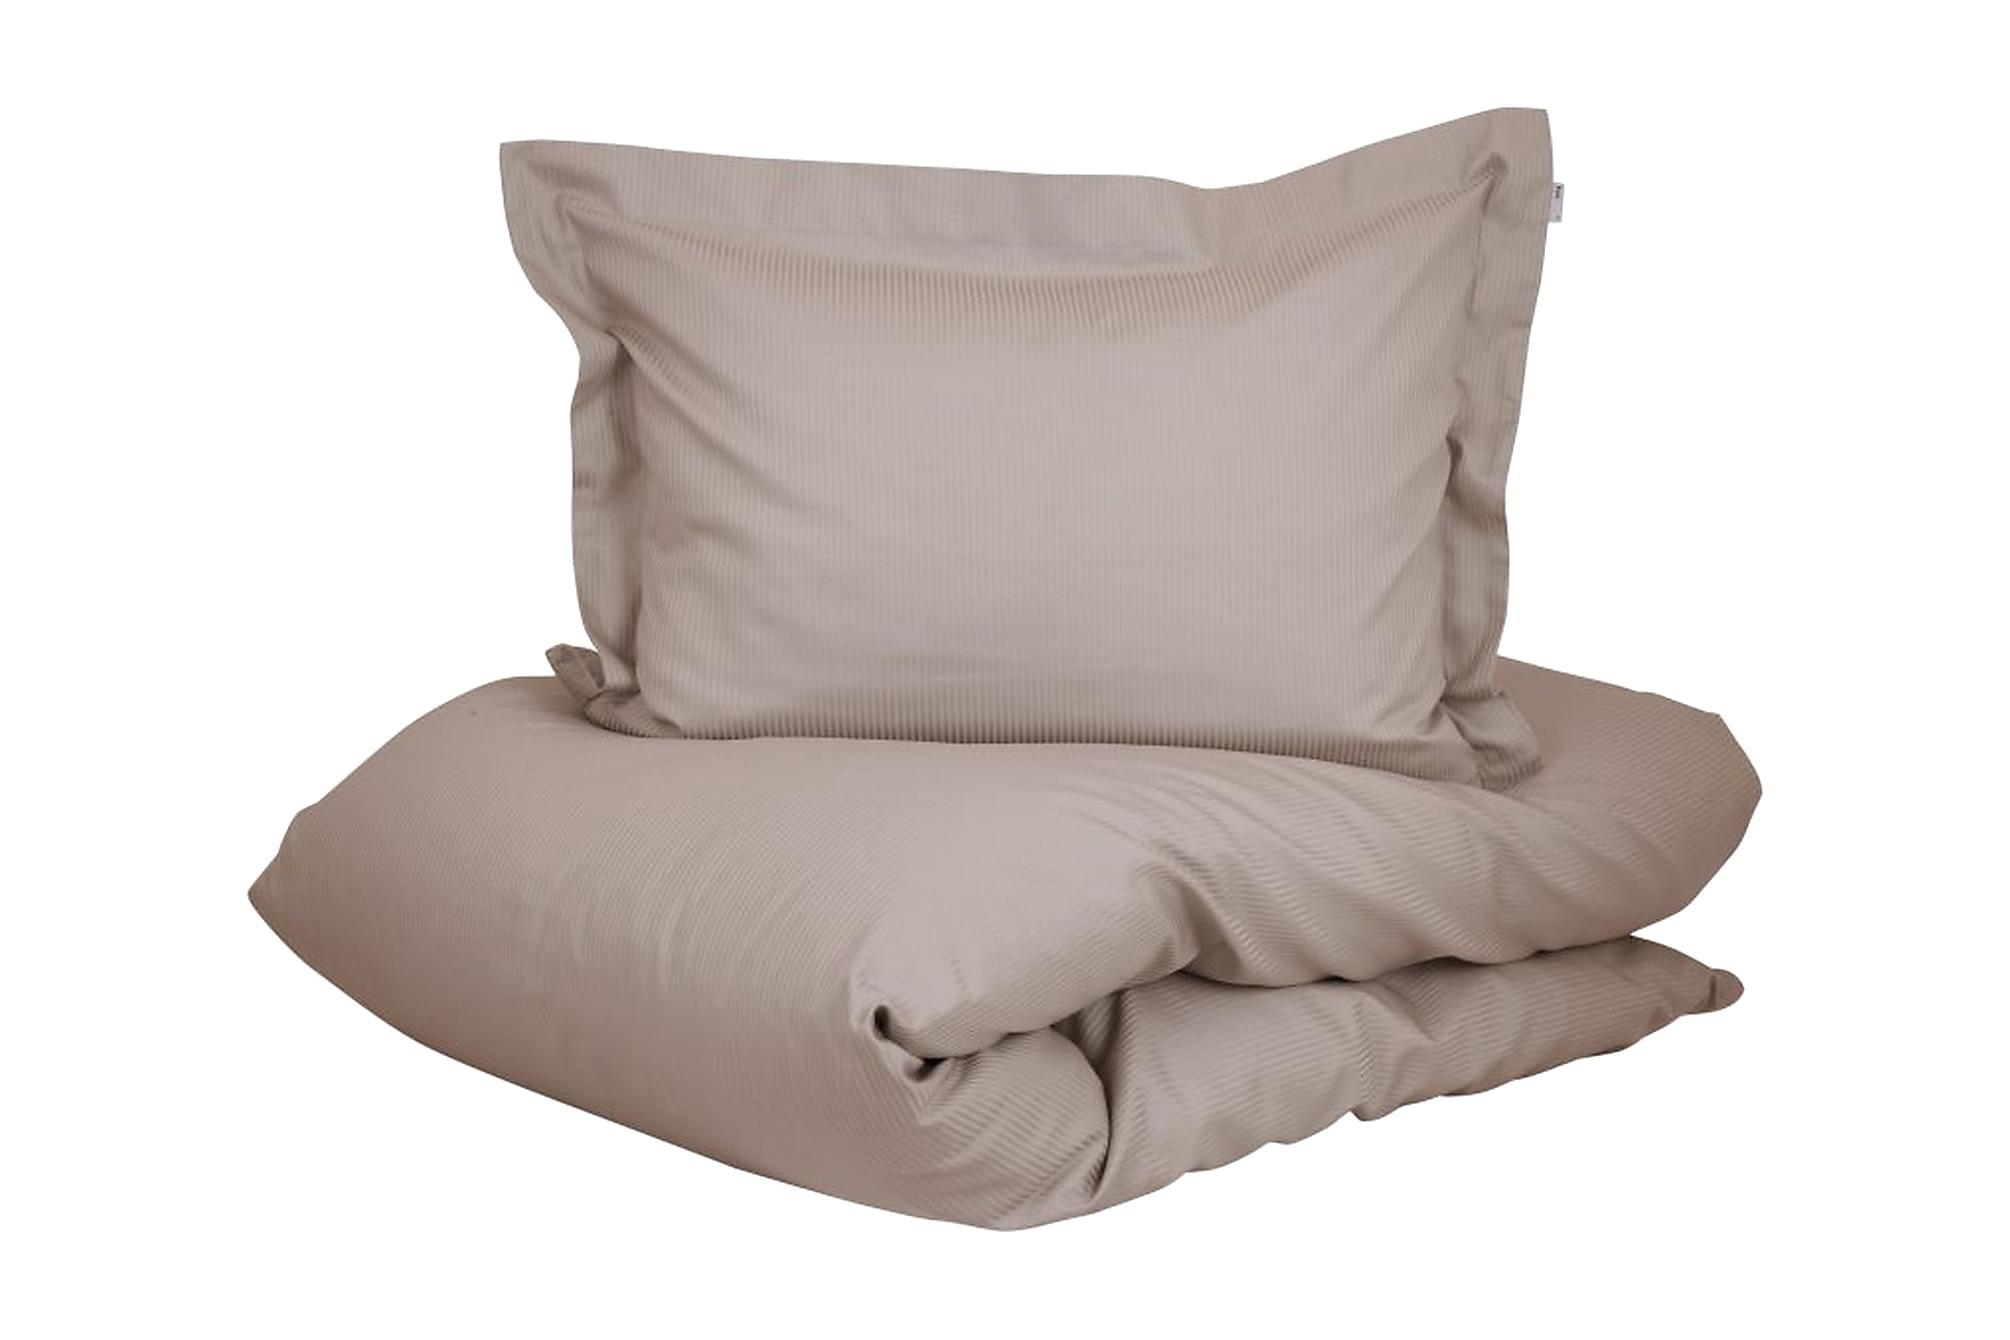 ALDERNEY Bäddset 150x210 cm Satin Beige, Sängkläder